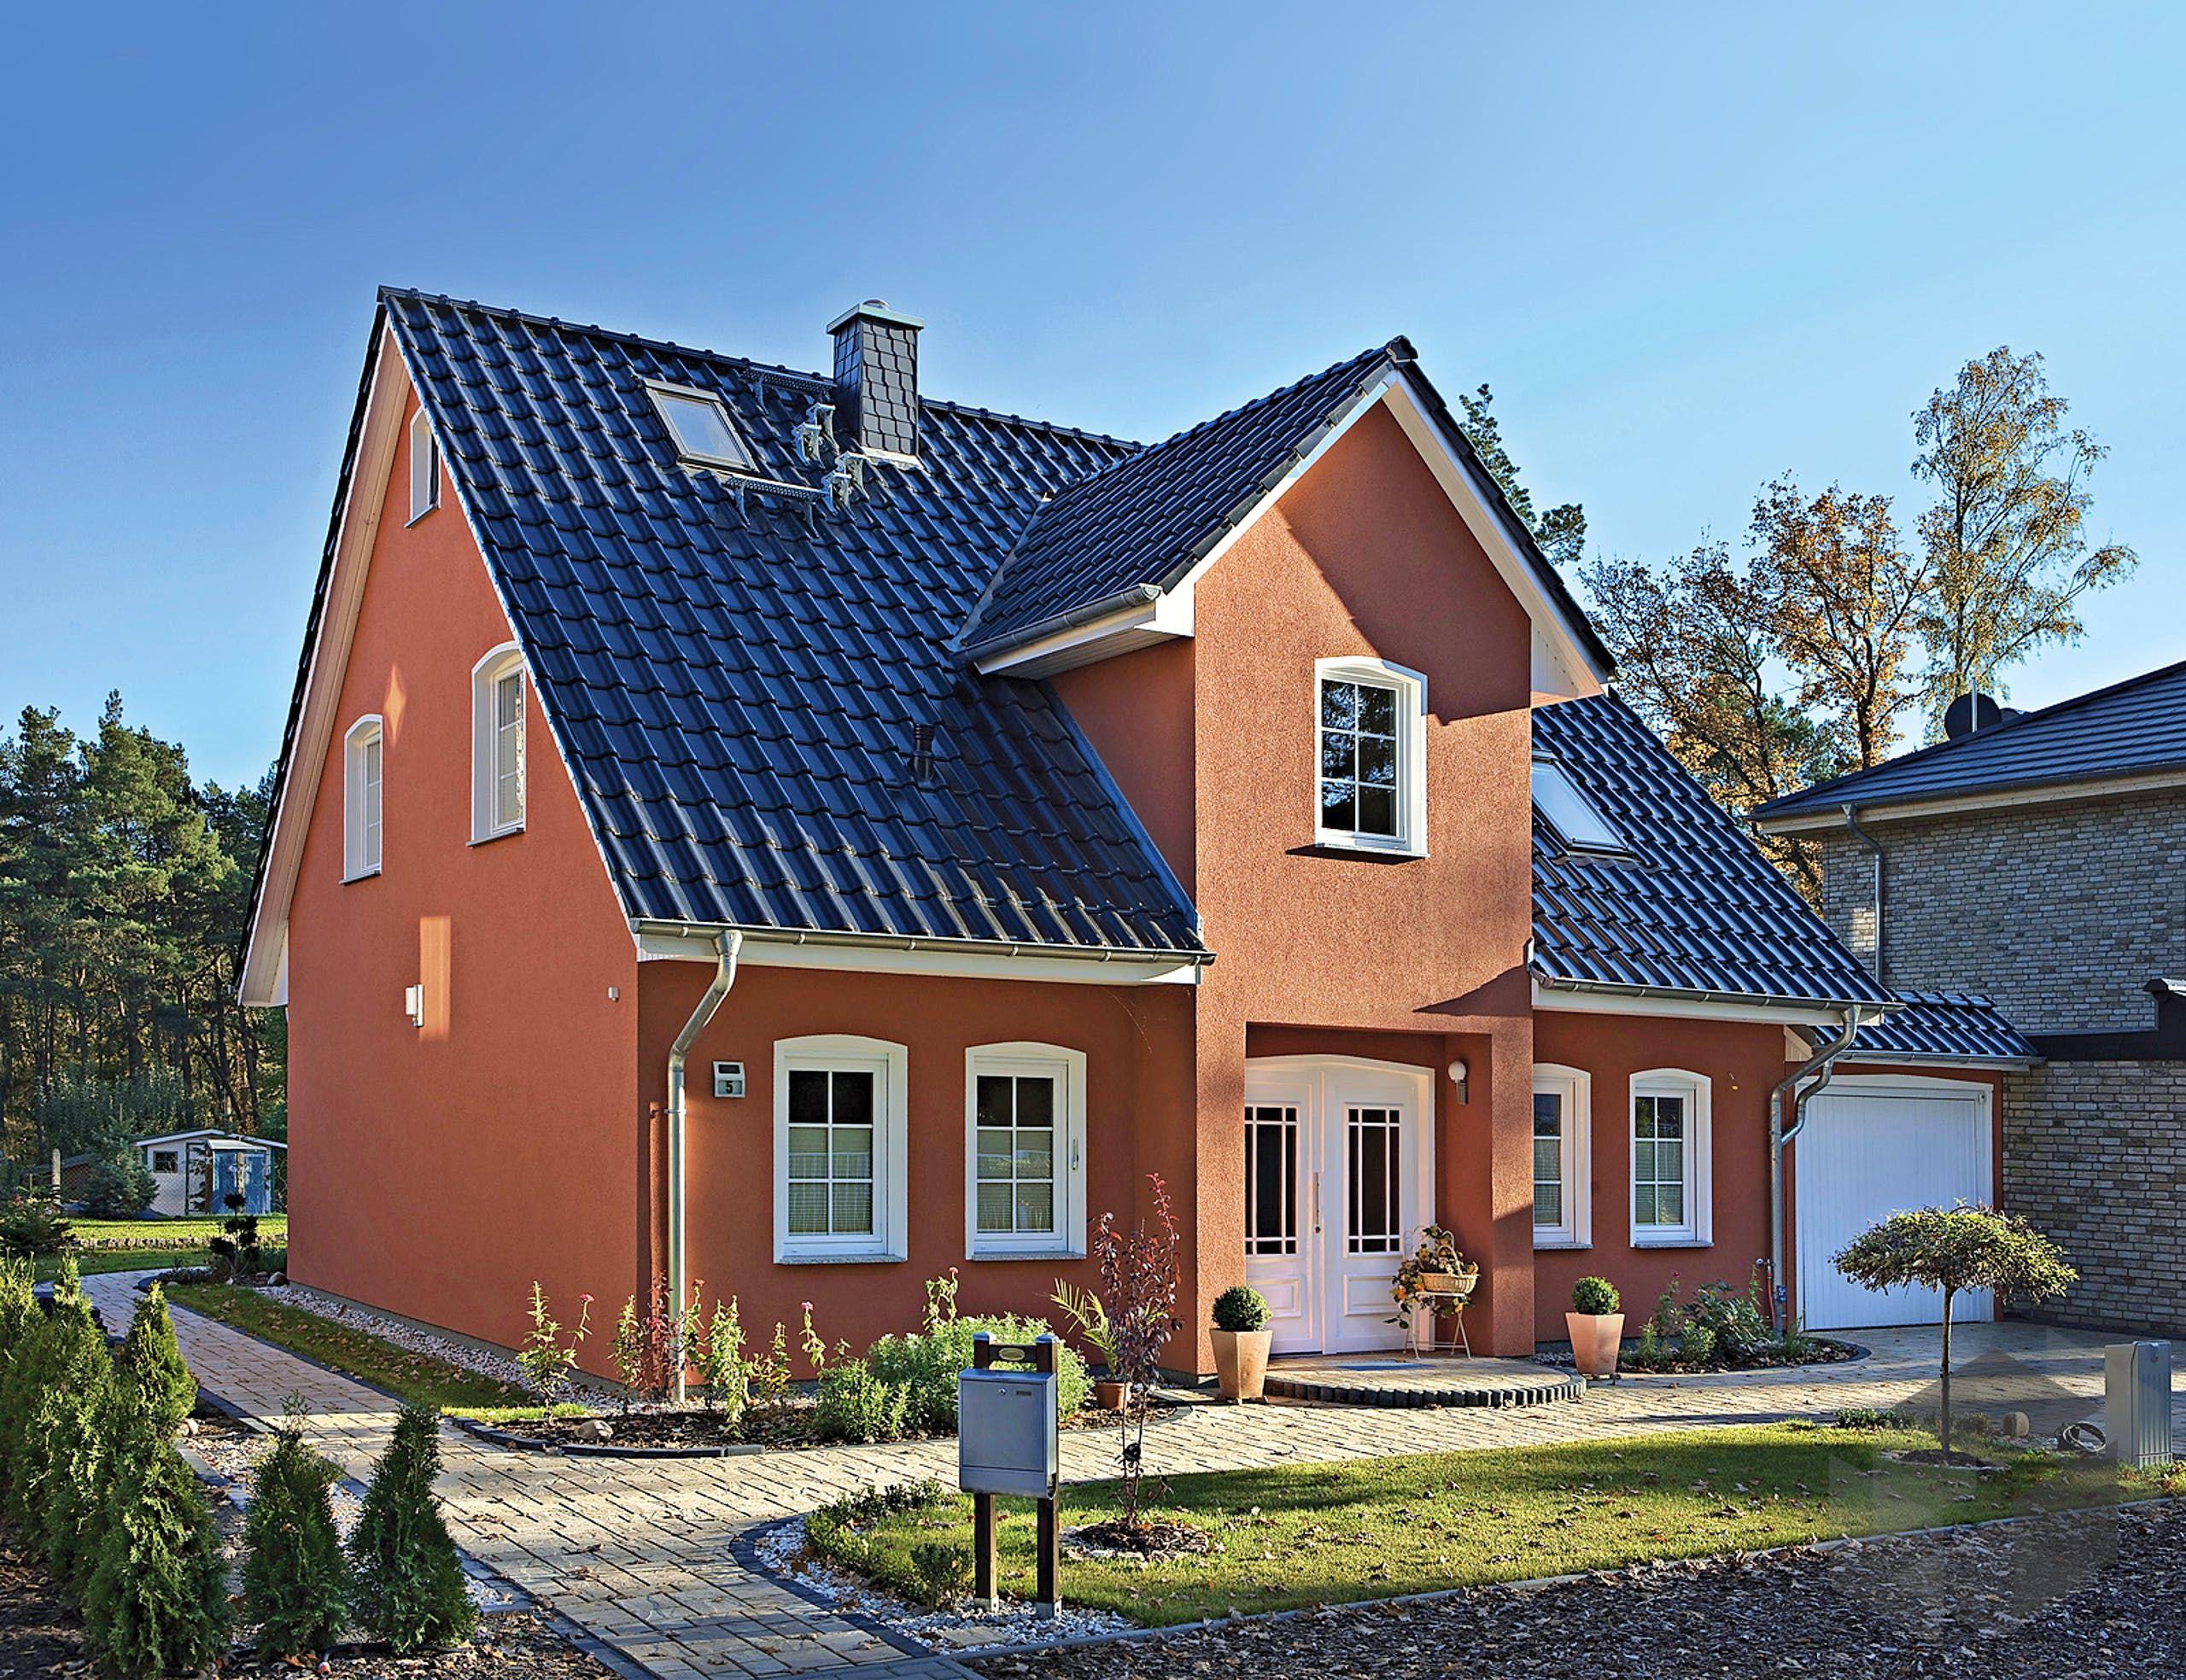 Zwerchgiebelhaus in Massivbauweise 'Stadthaus 141' von